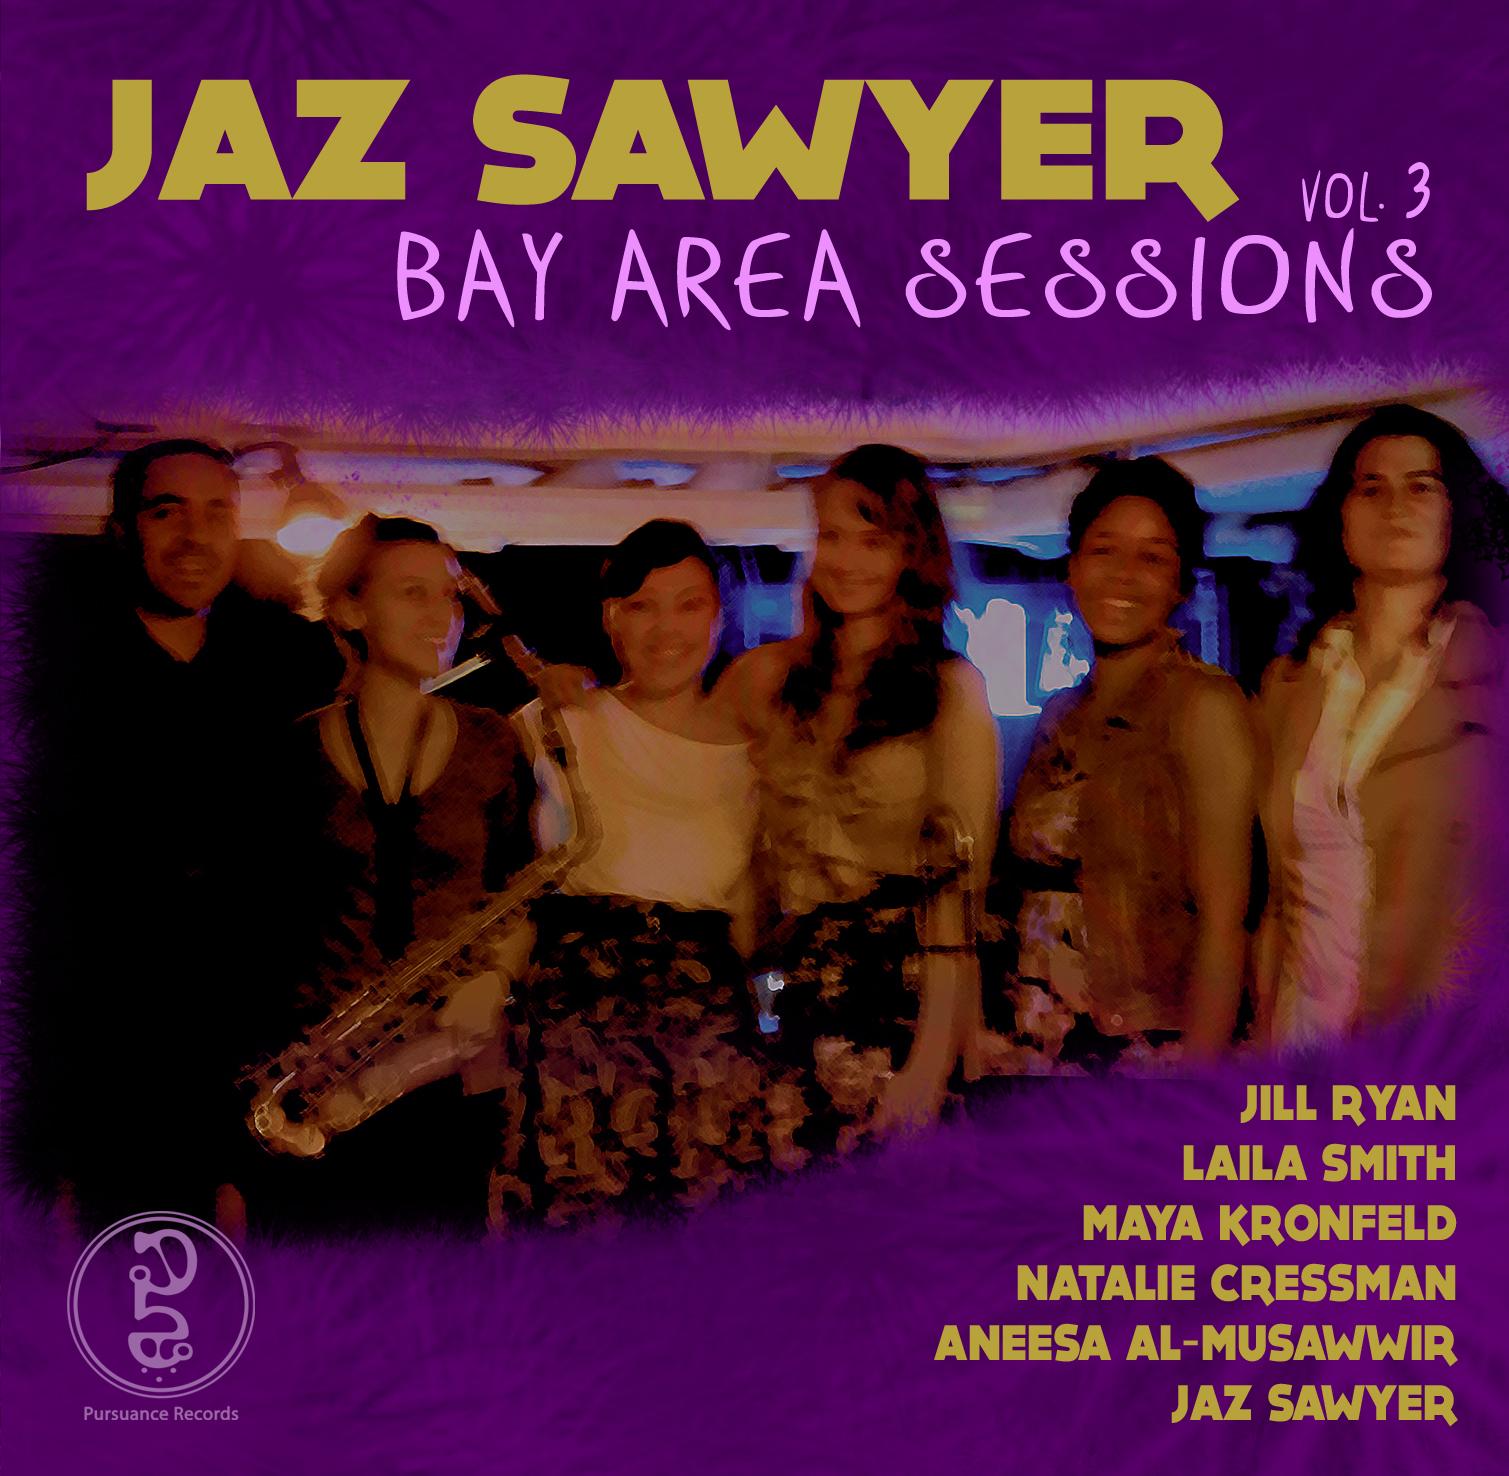 Jazz Sawyer